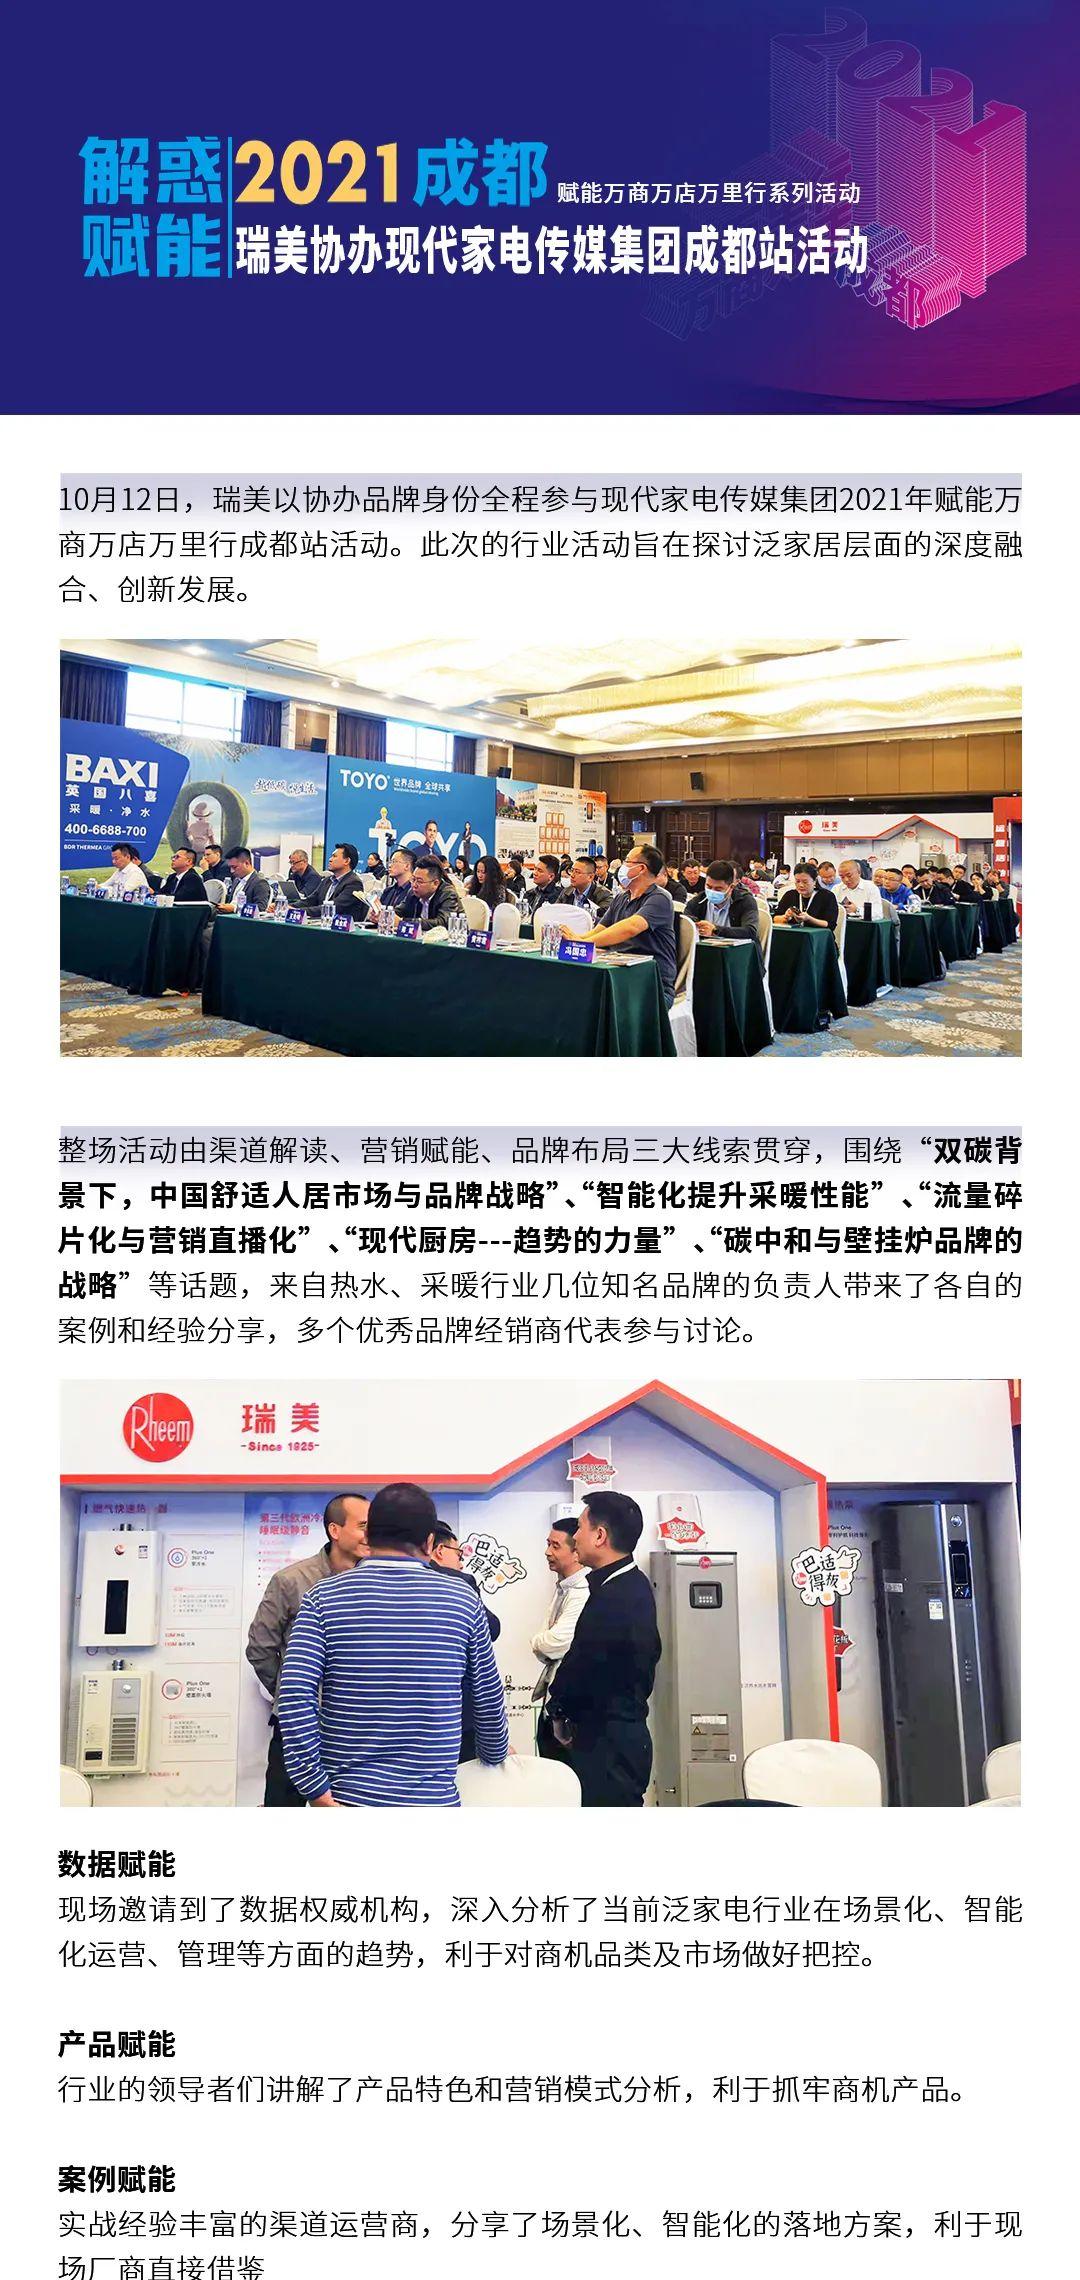 双碳背景下,中国舒适人居市场的智能化进程1